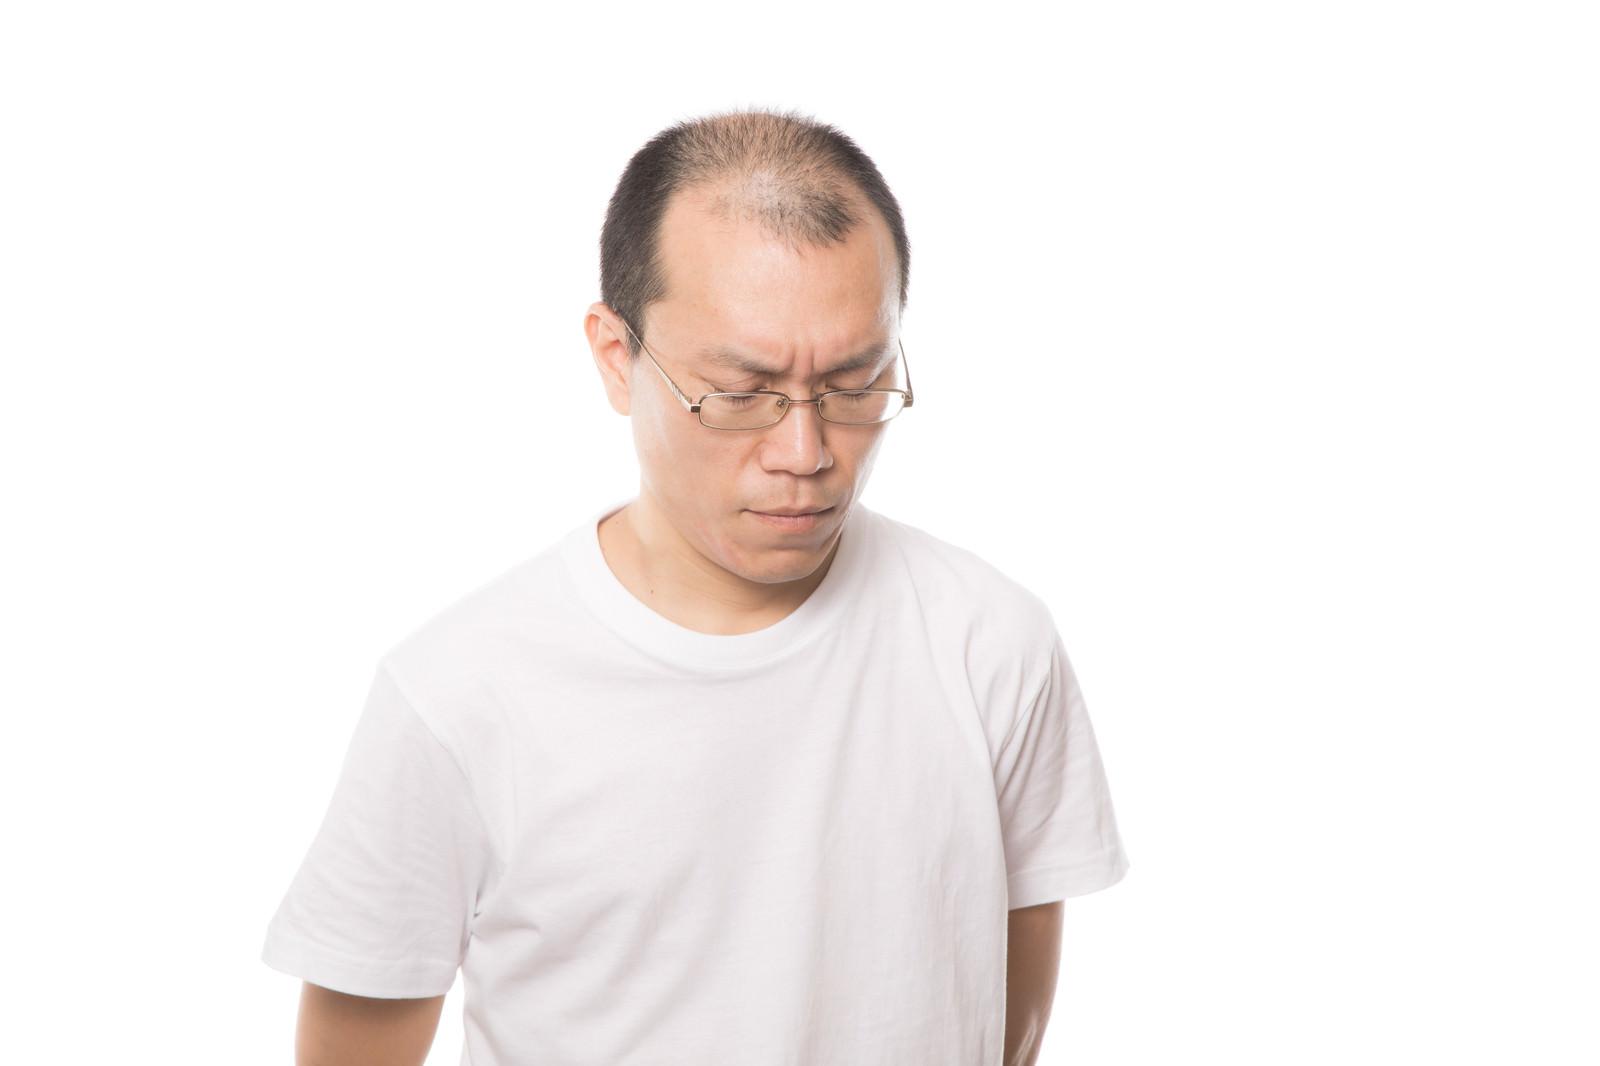 「薄毛を気にして苦しむ男性」の写真[モデル:サンライズ鈴木]